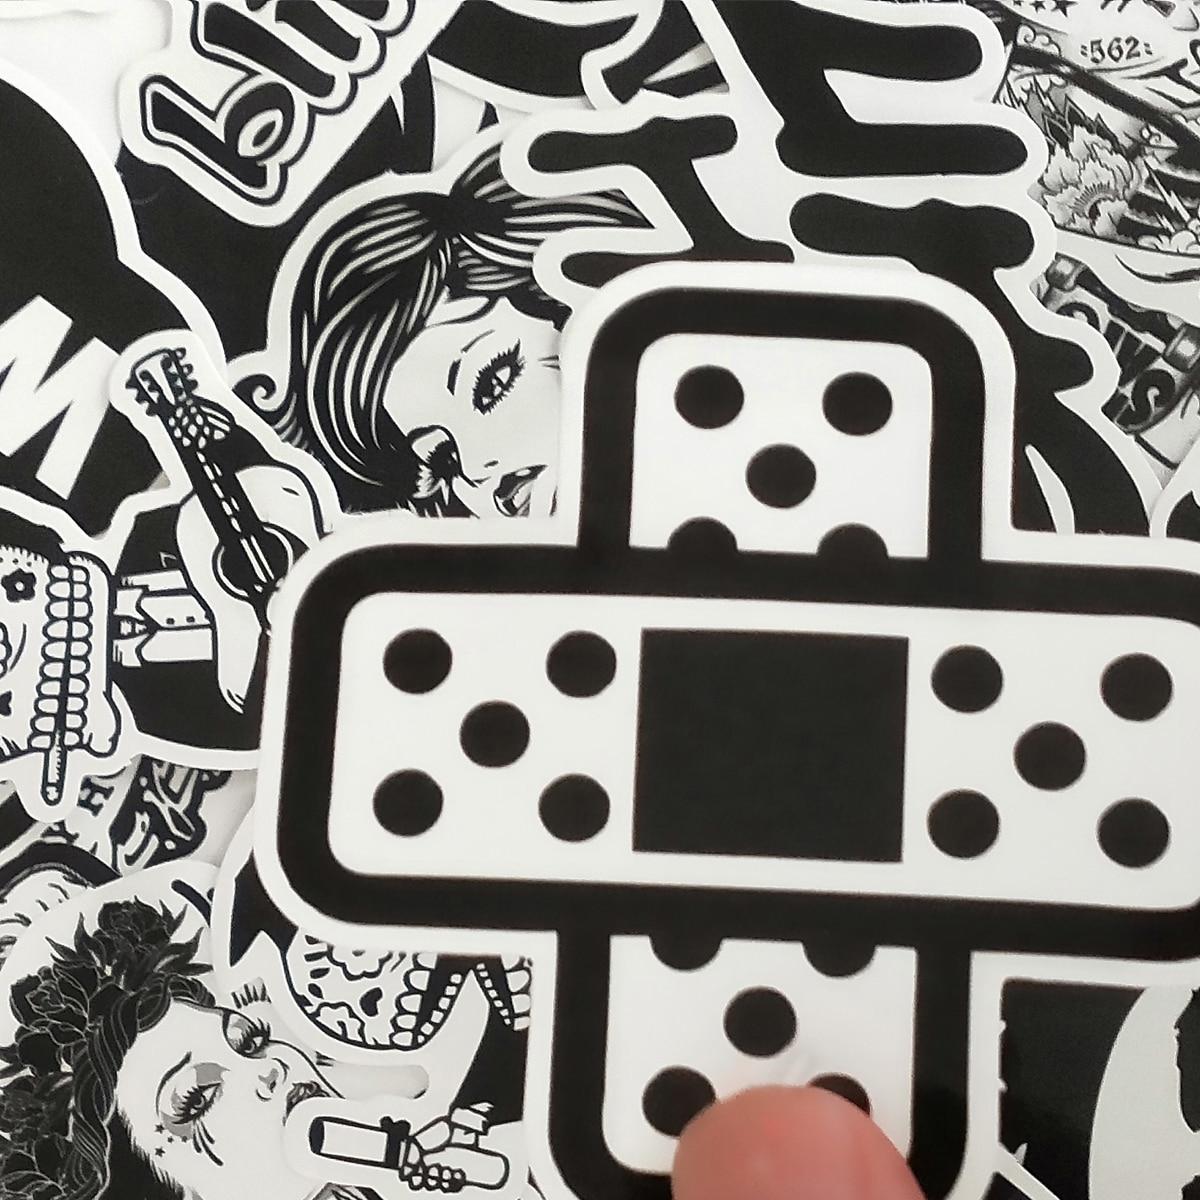 60/30 шт. Черный и белый металлический Сделай Сам наклейки для скейтборда ноутбук Чемодан сноуборд холодильник телефон игрушка Декор для дома